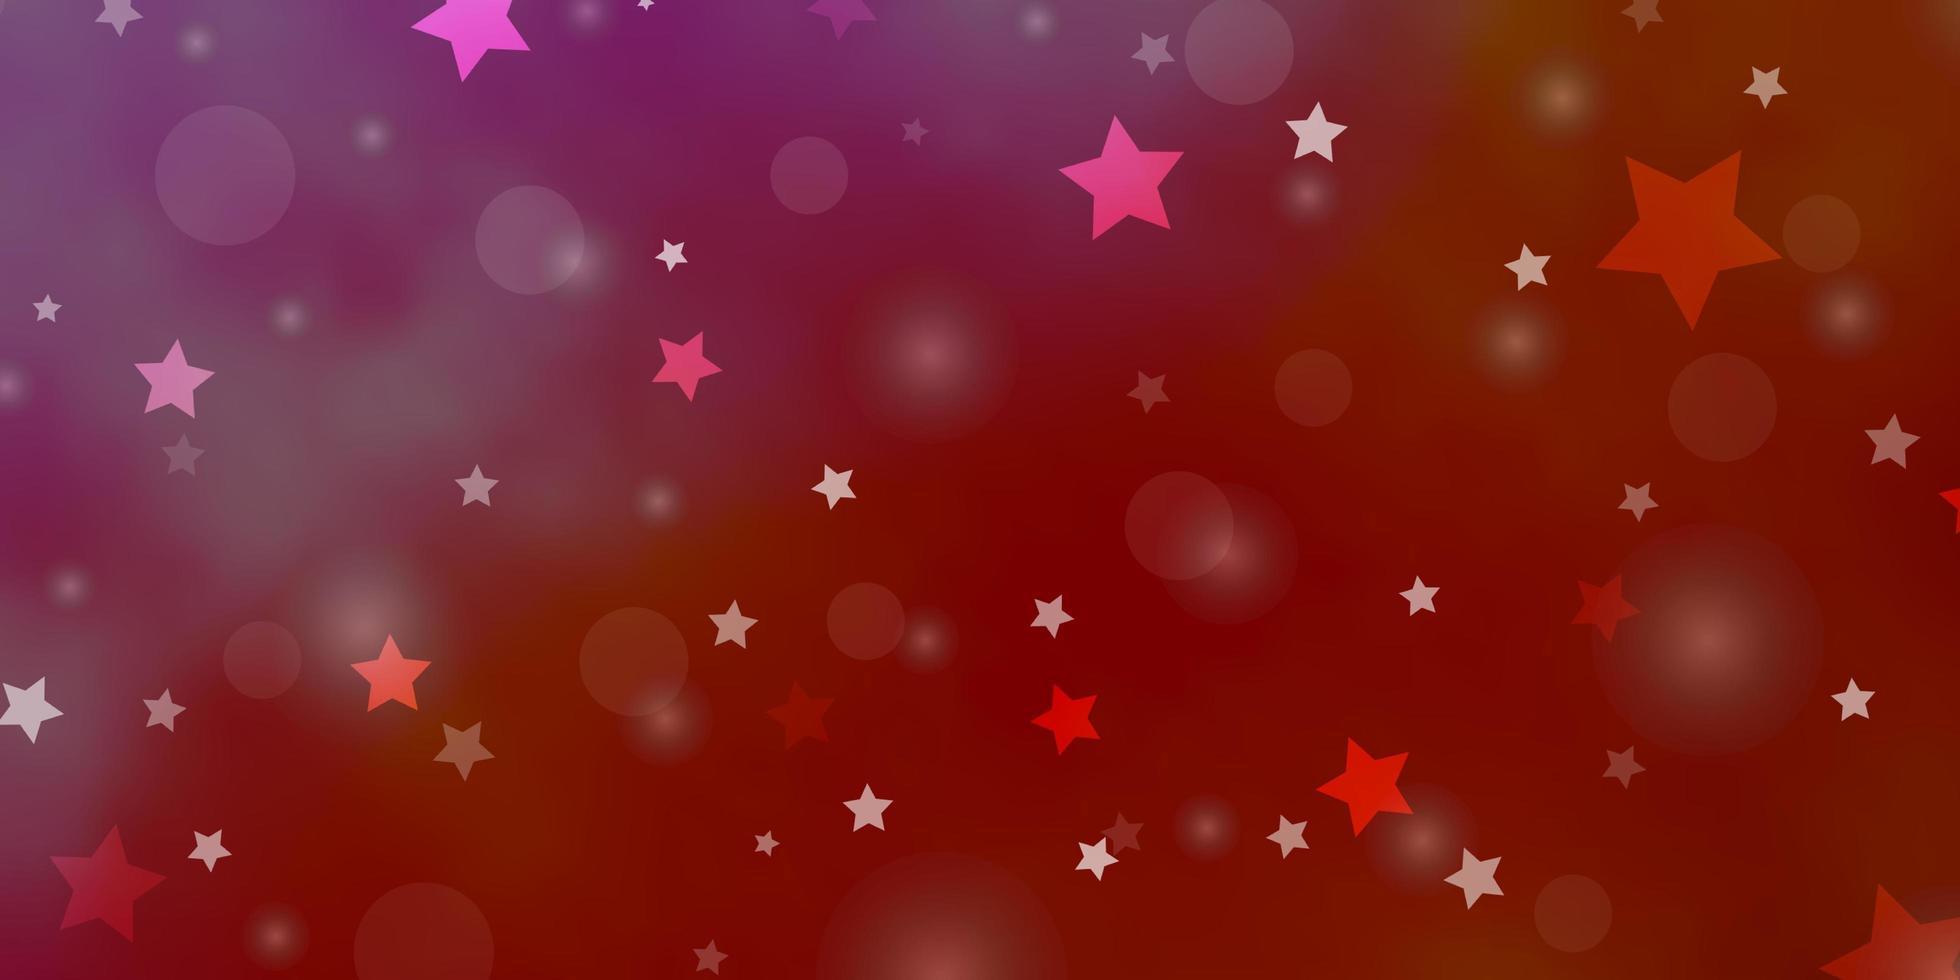 röd konsistens med cirklar, stjärnor. vektor